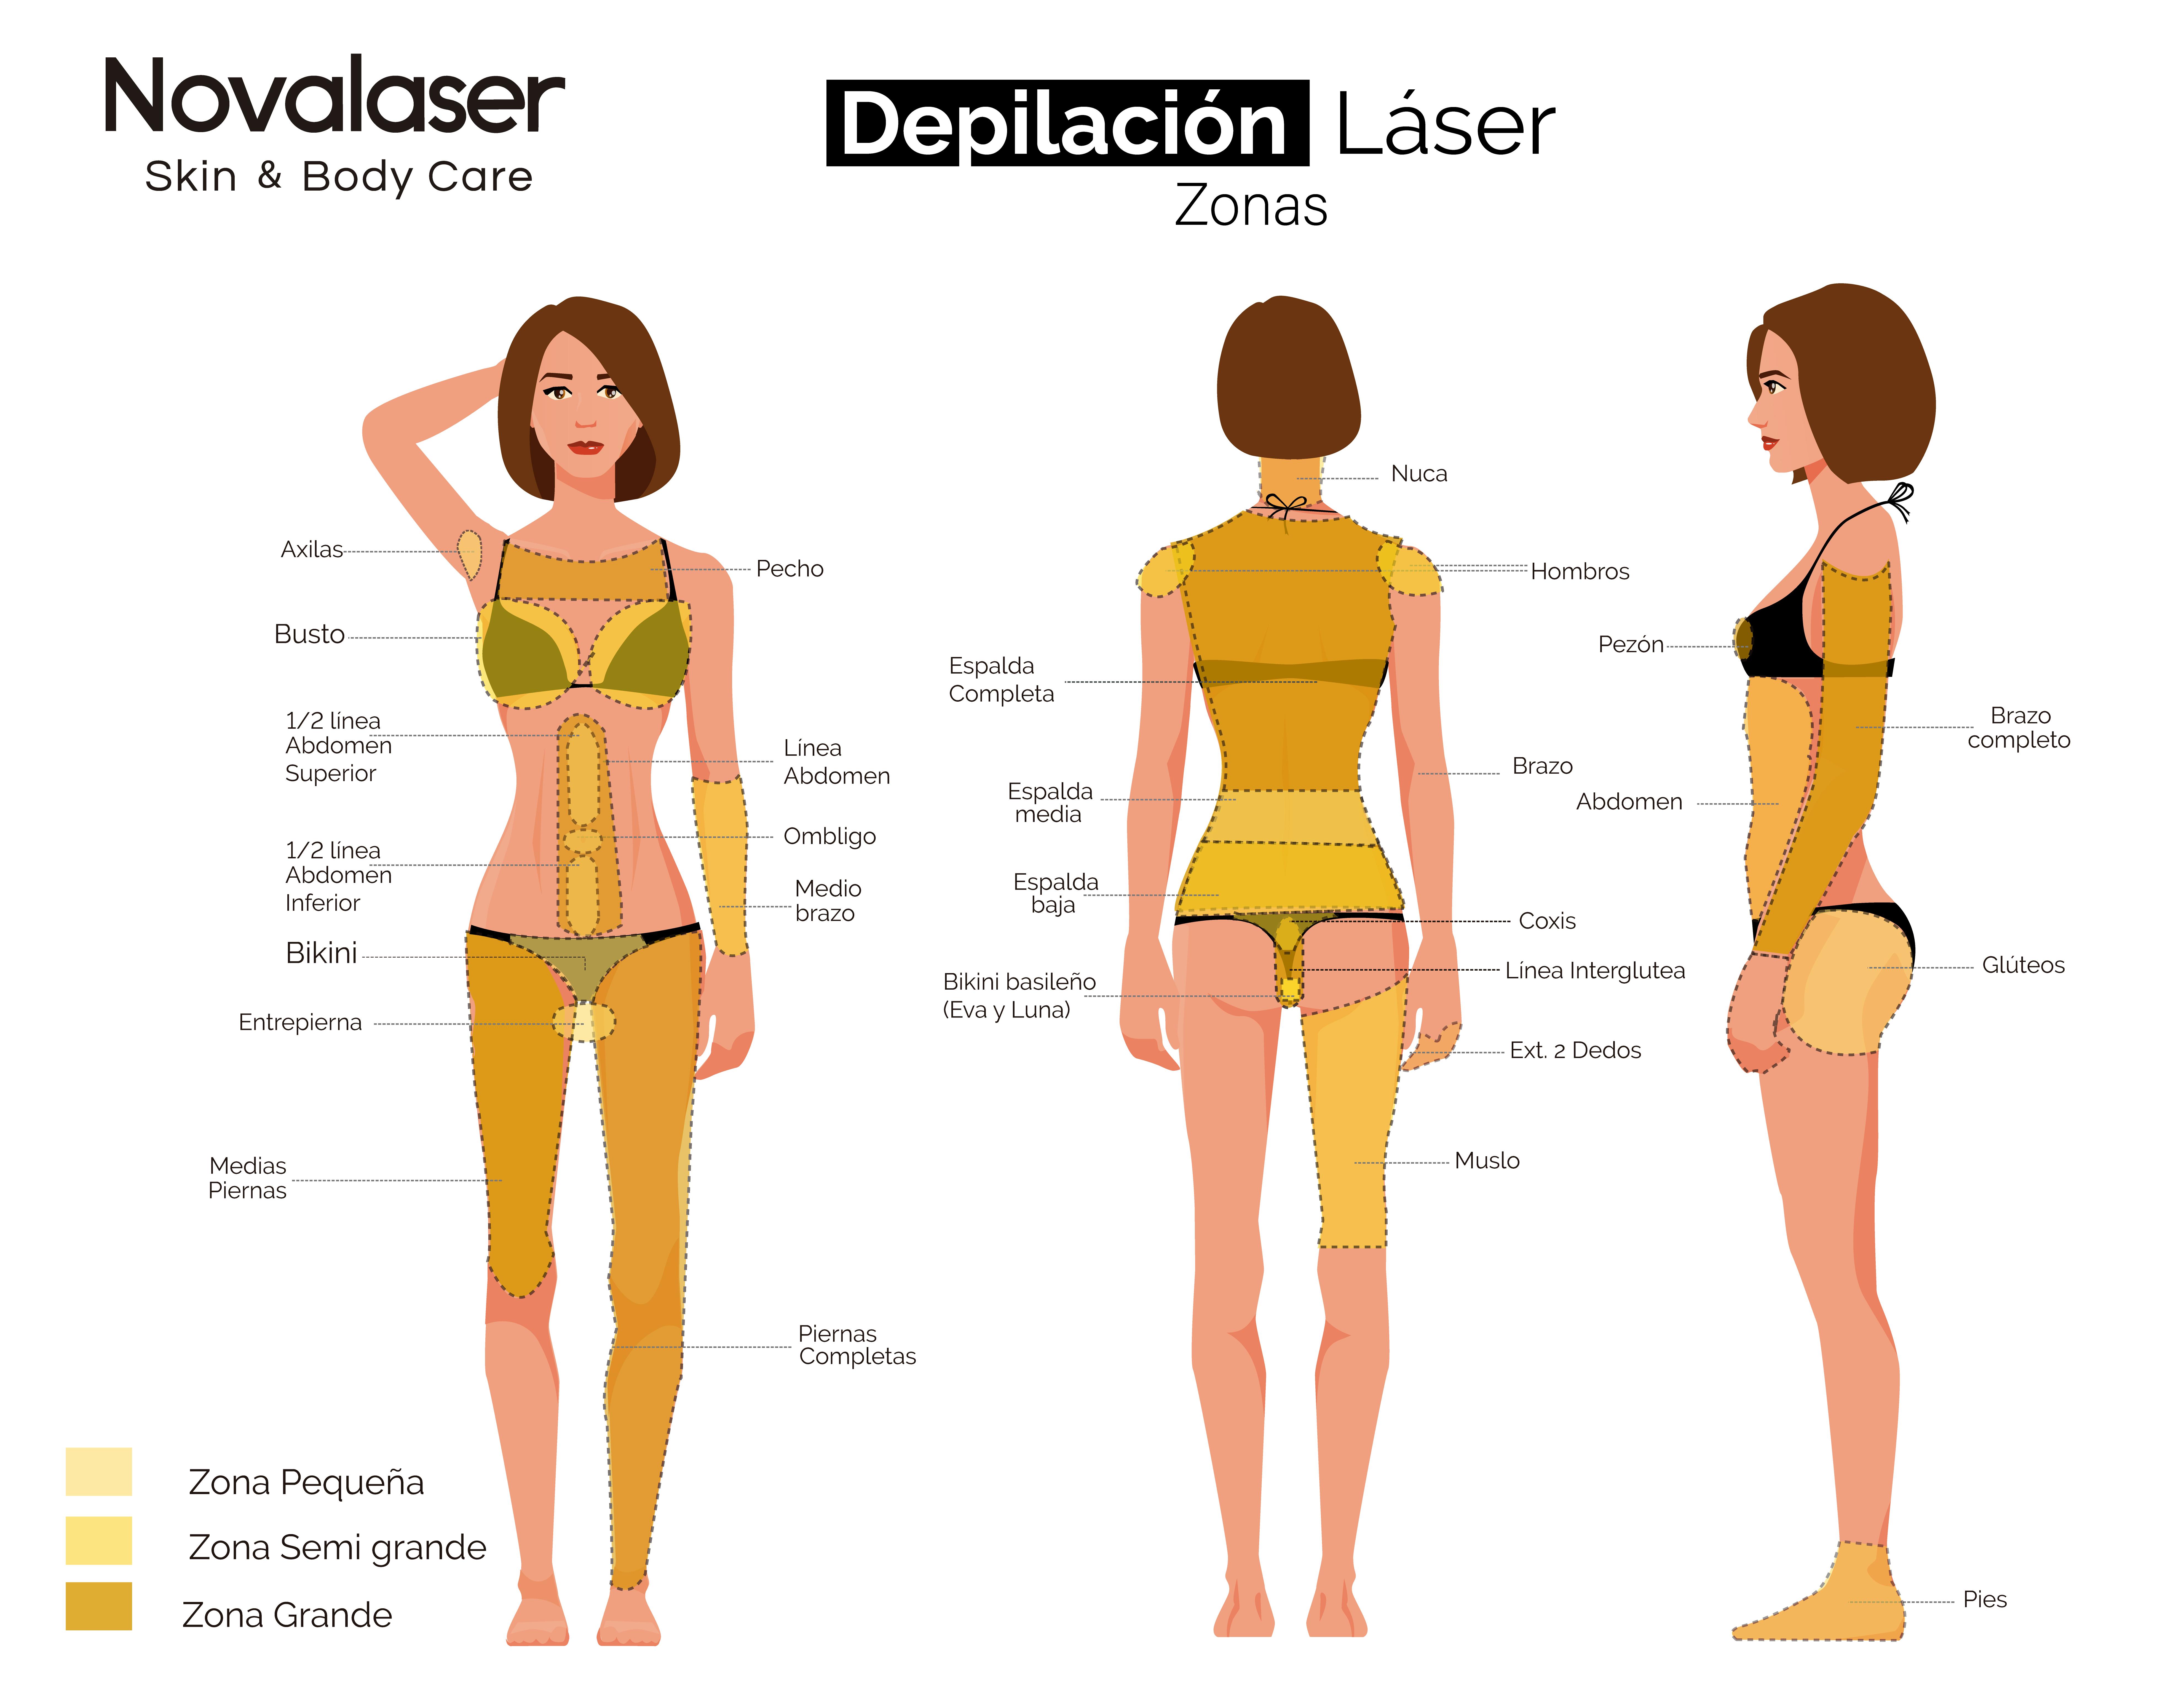 Depilación Láser Zona cuerpo